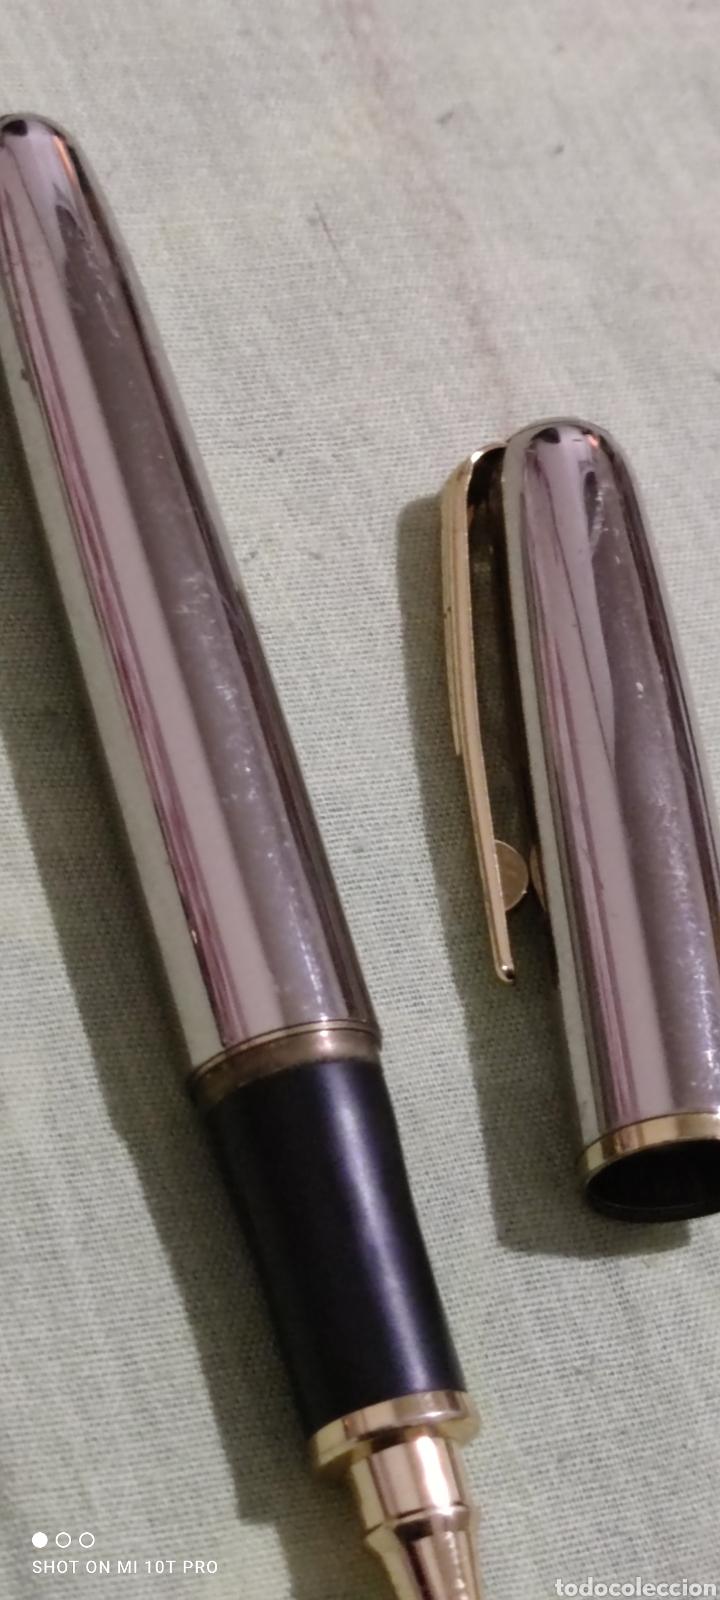 Bolígrafos antiguos: Bolígrafo tombow - Foto 3 - 293661333